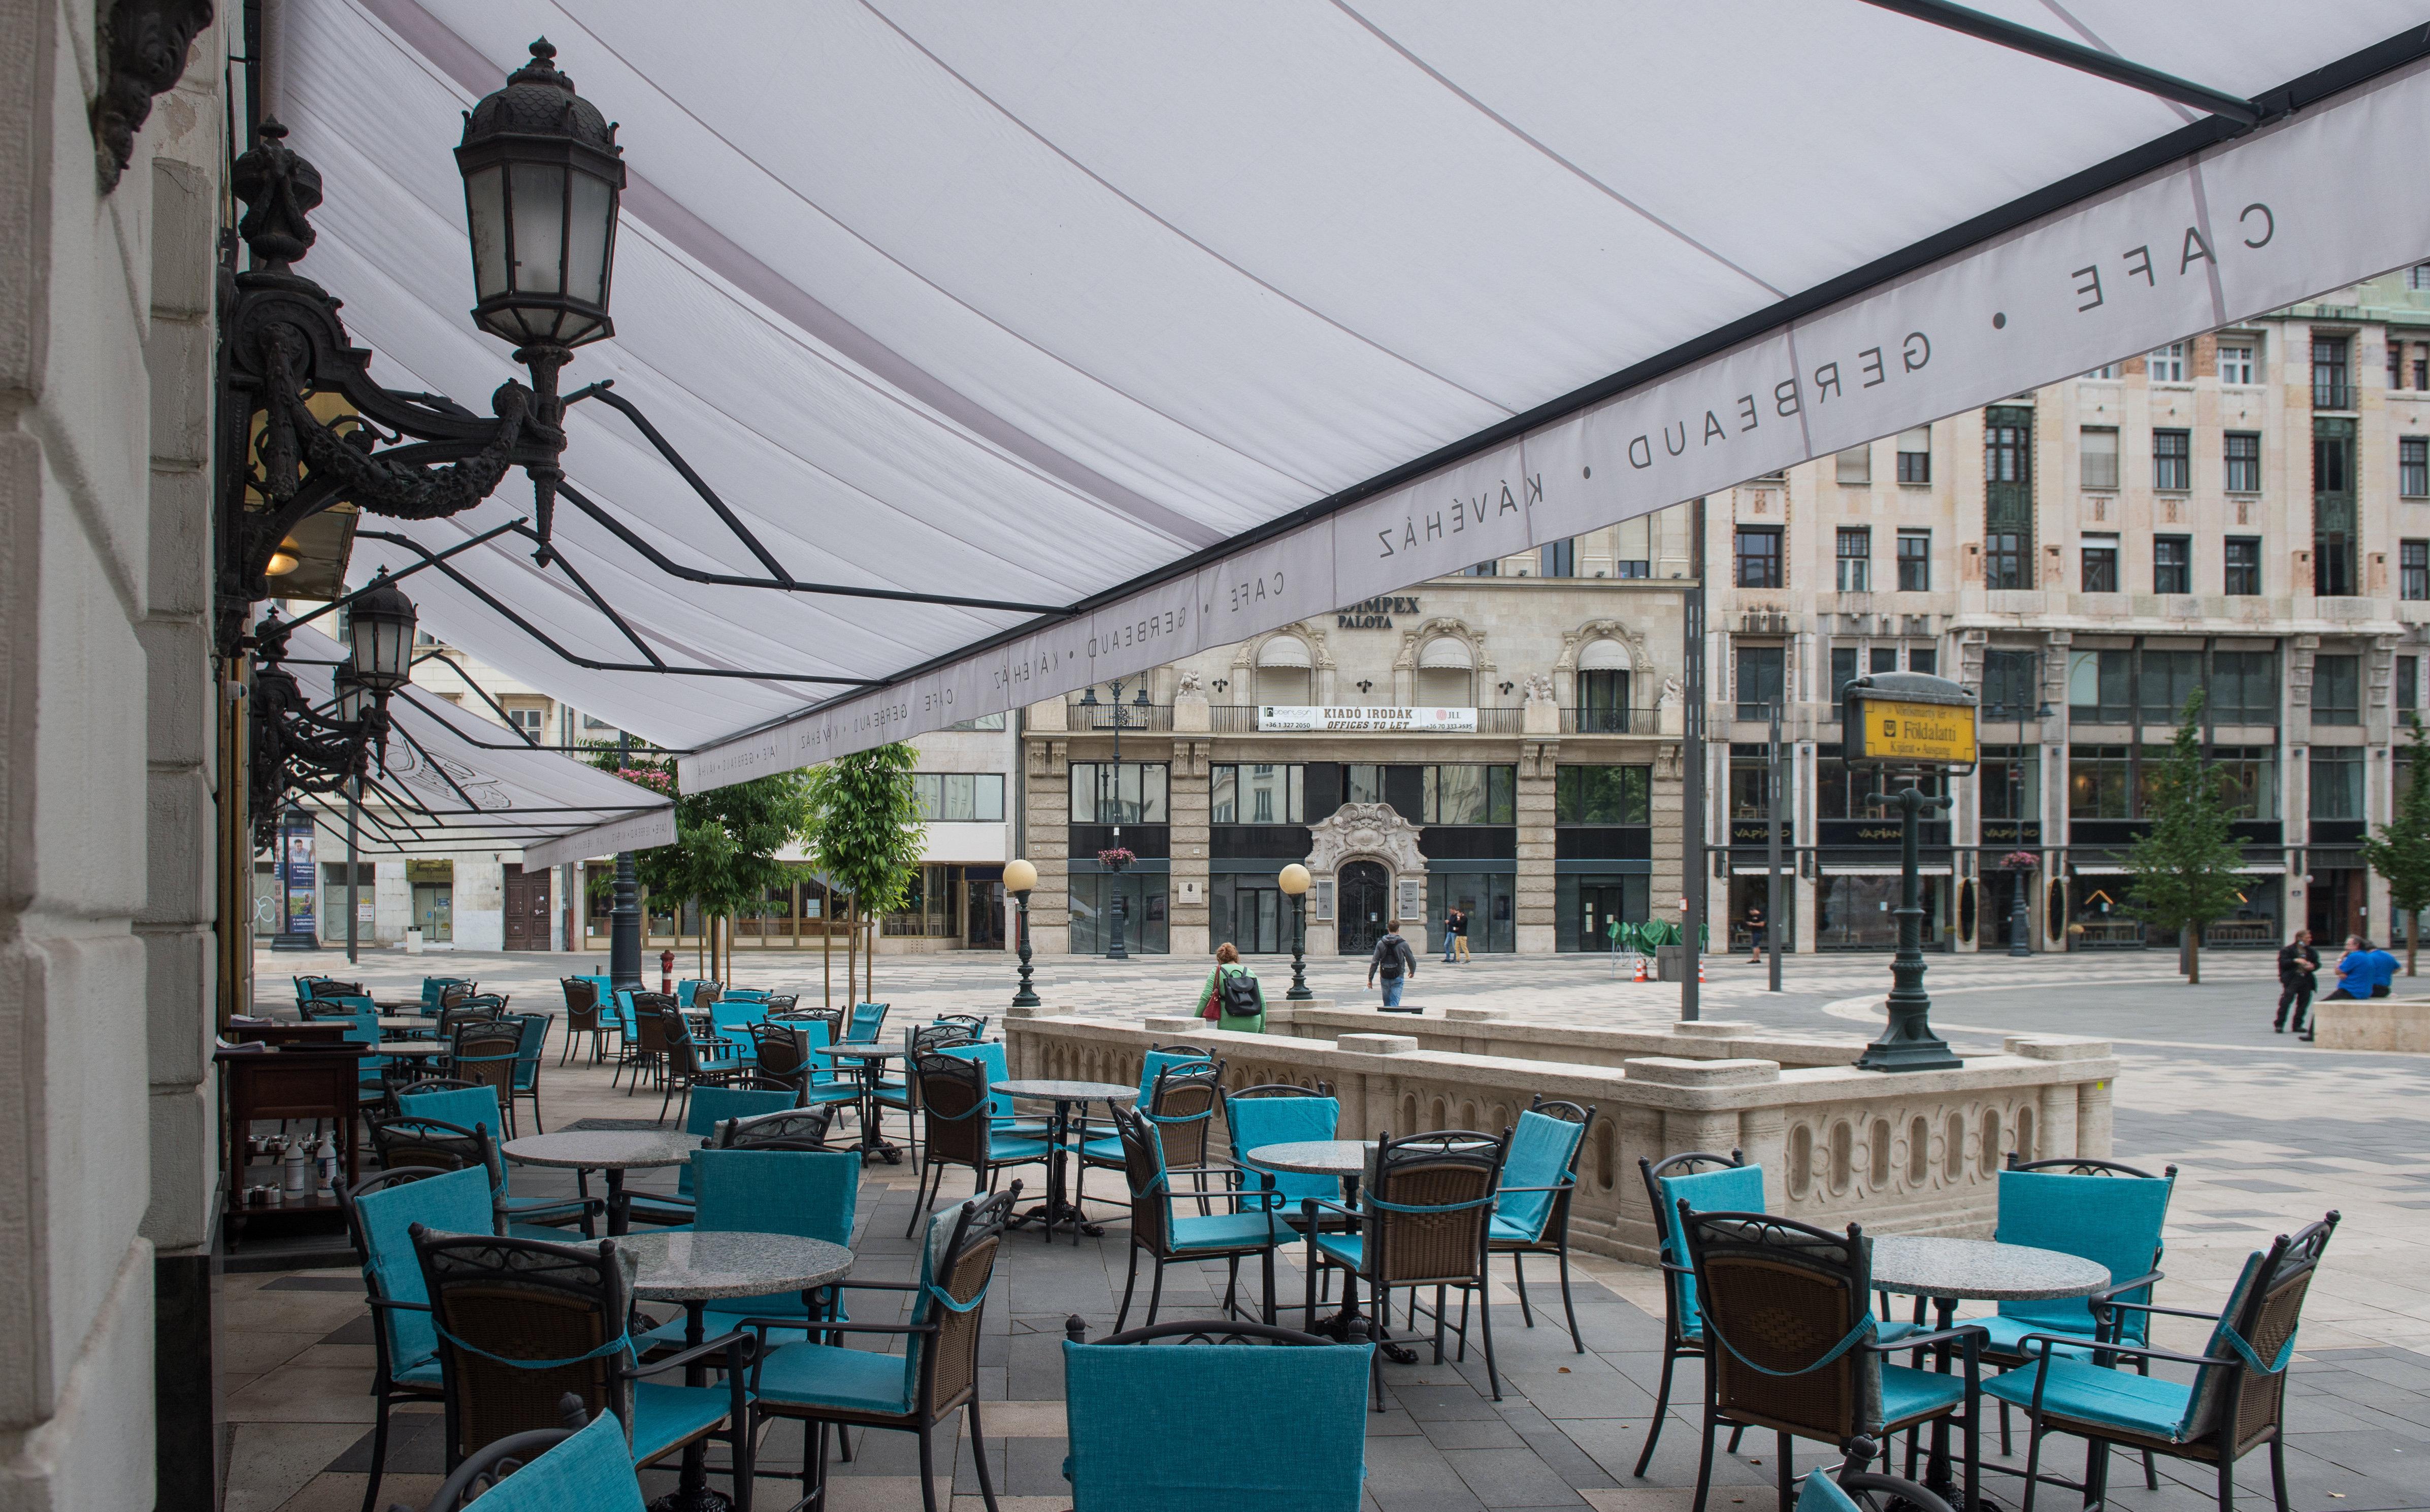 Történelmi kávéházak-Gerbeaud Cukrászda és Kávéház